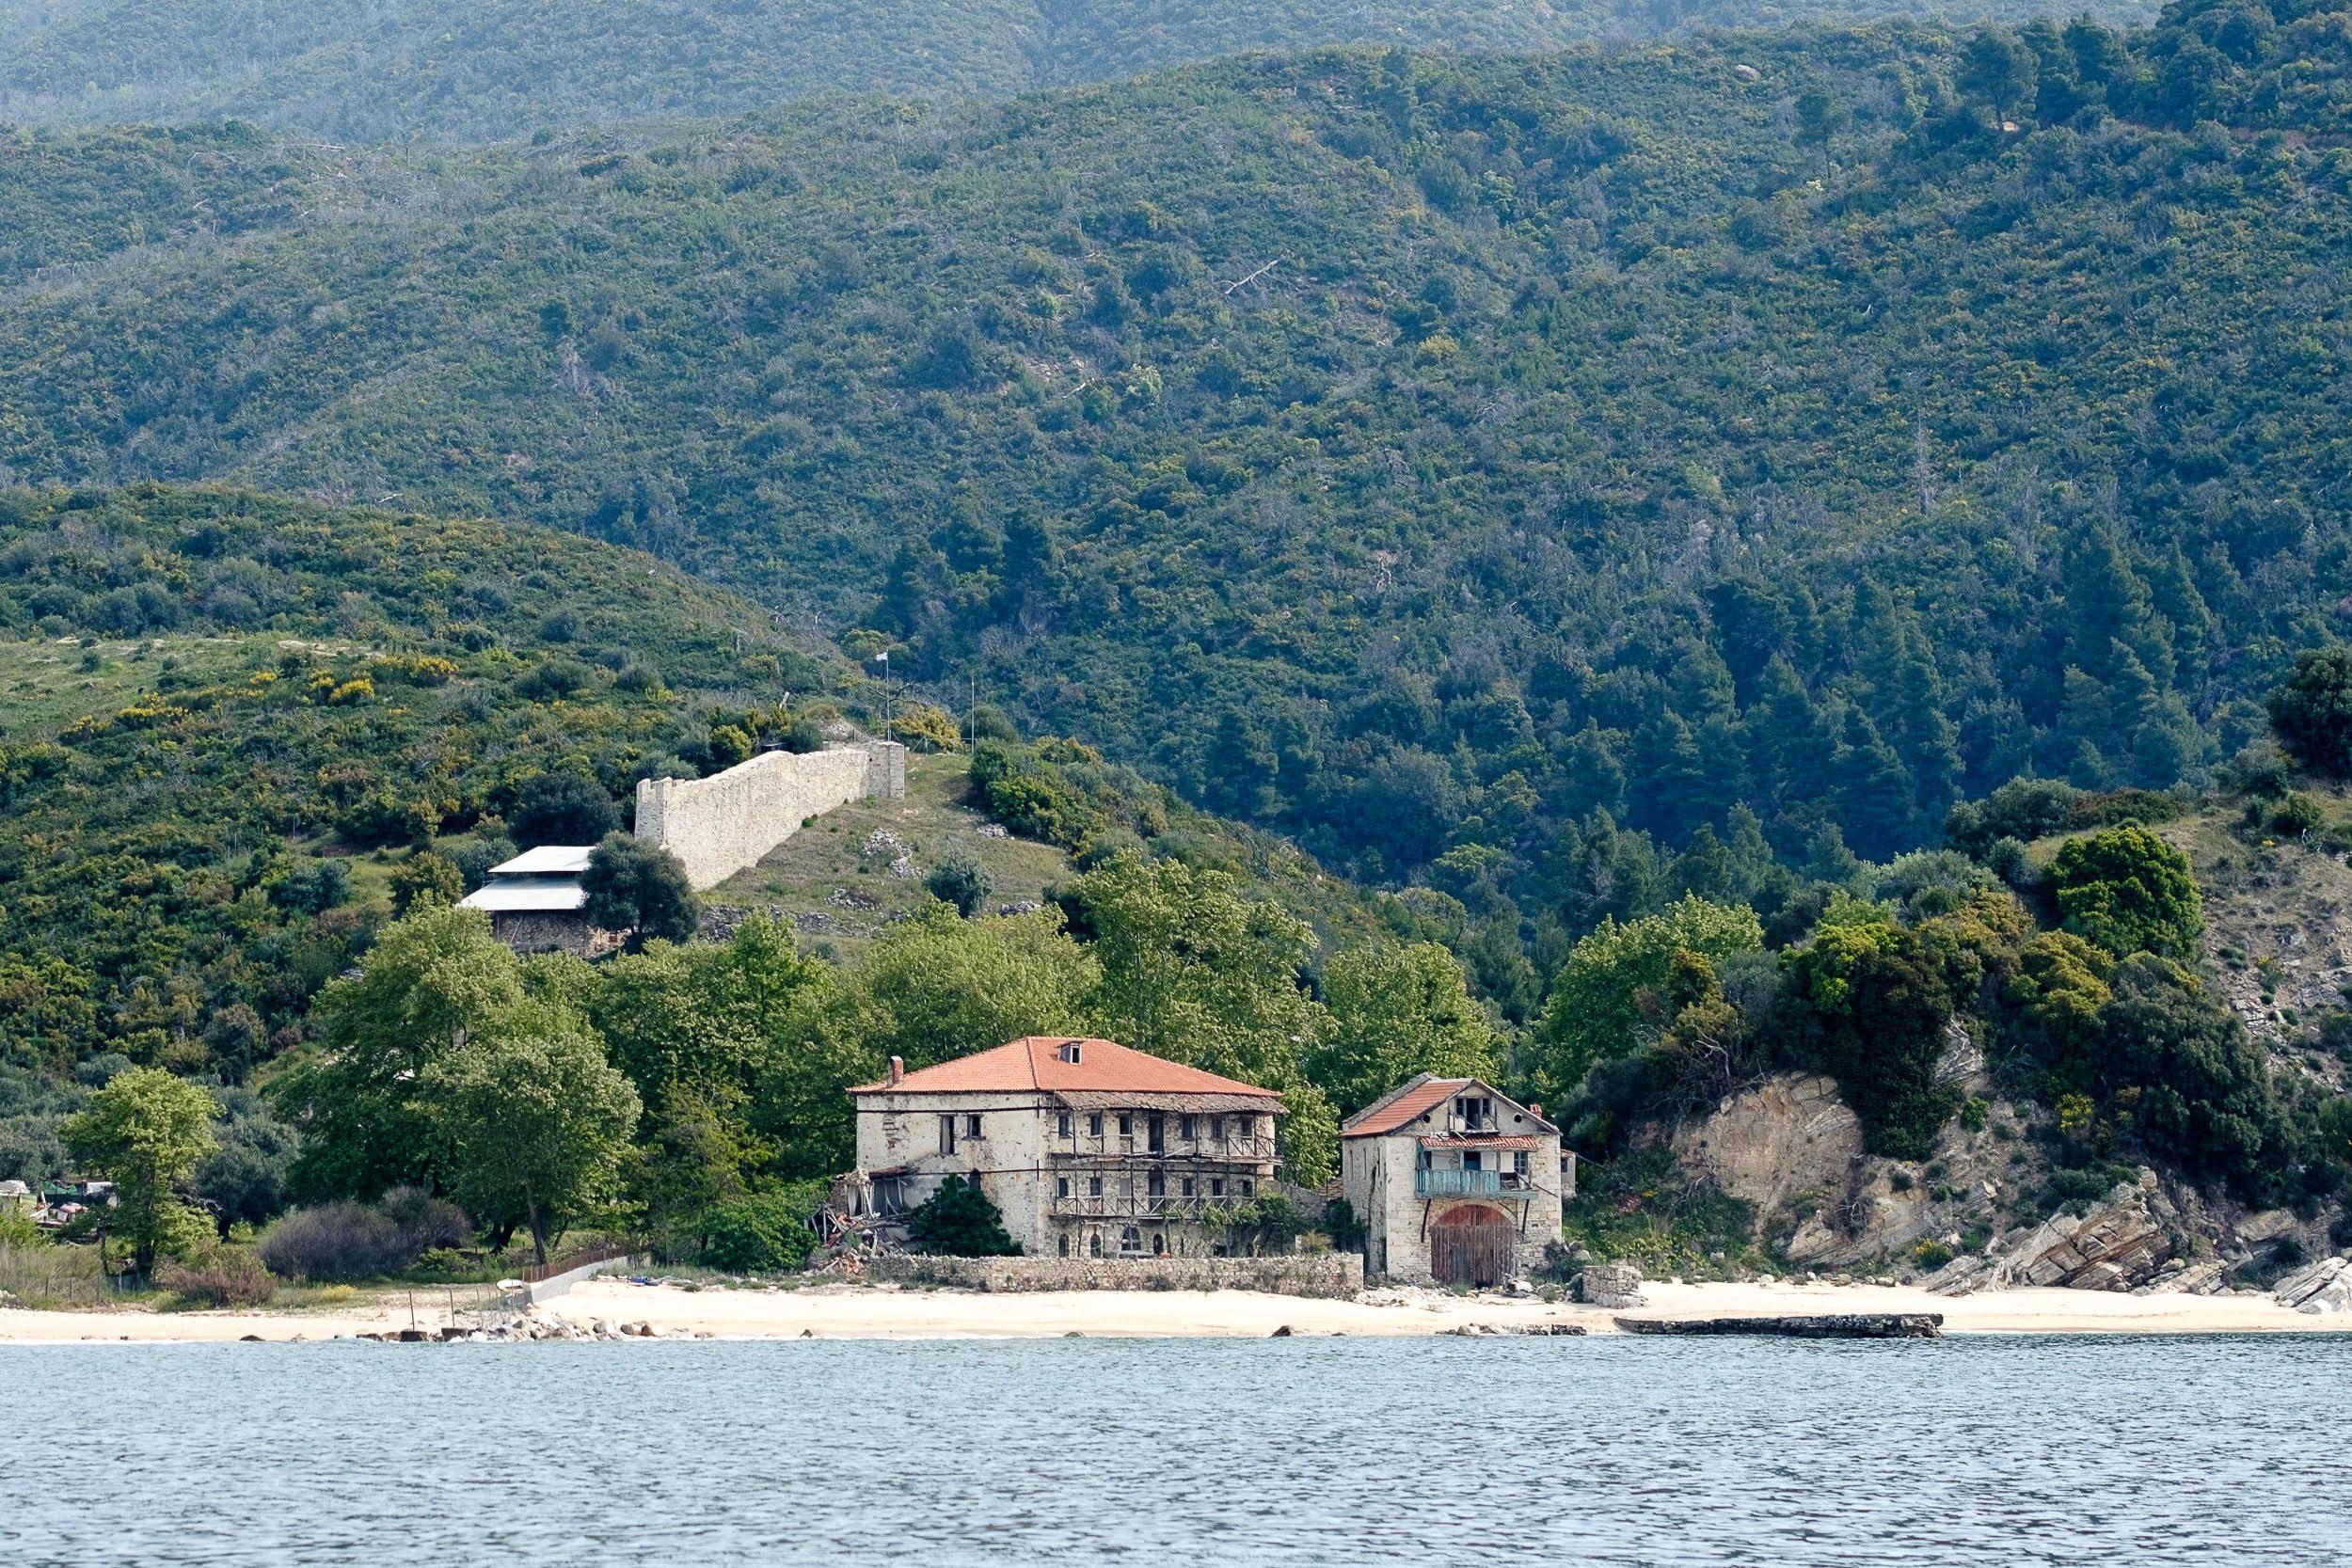 Grenze Mönchsrepublik Athos, Griechenland, Ägäis